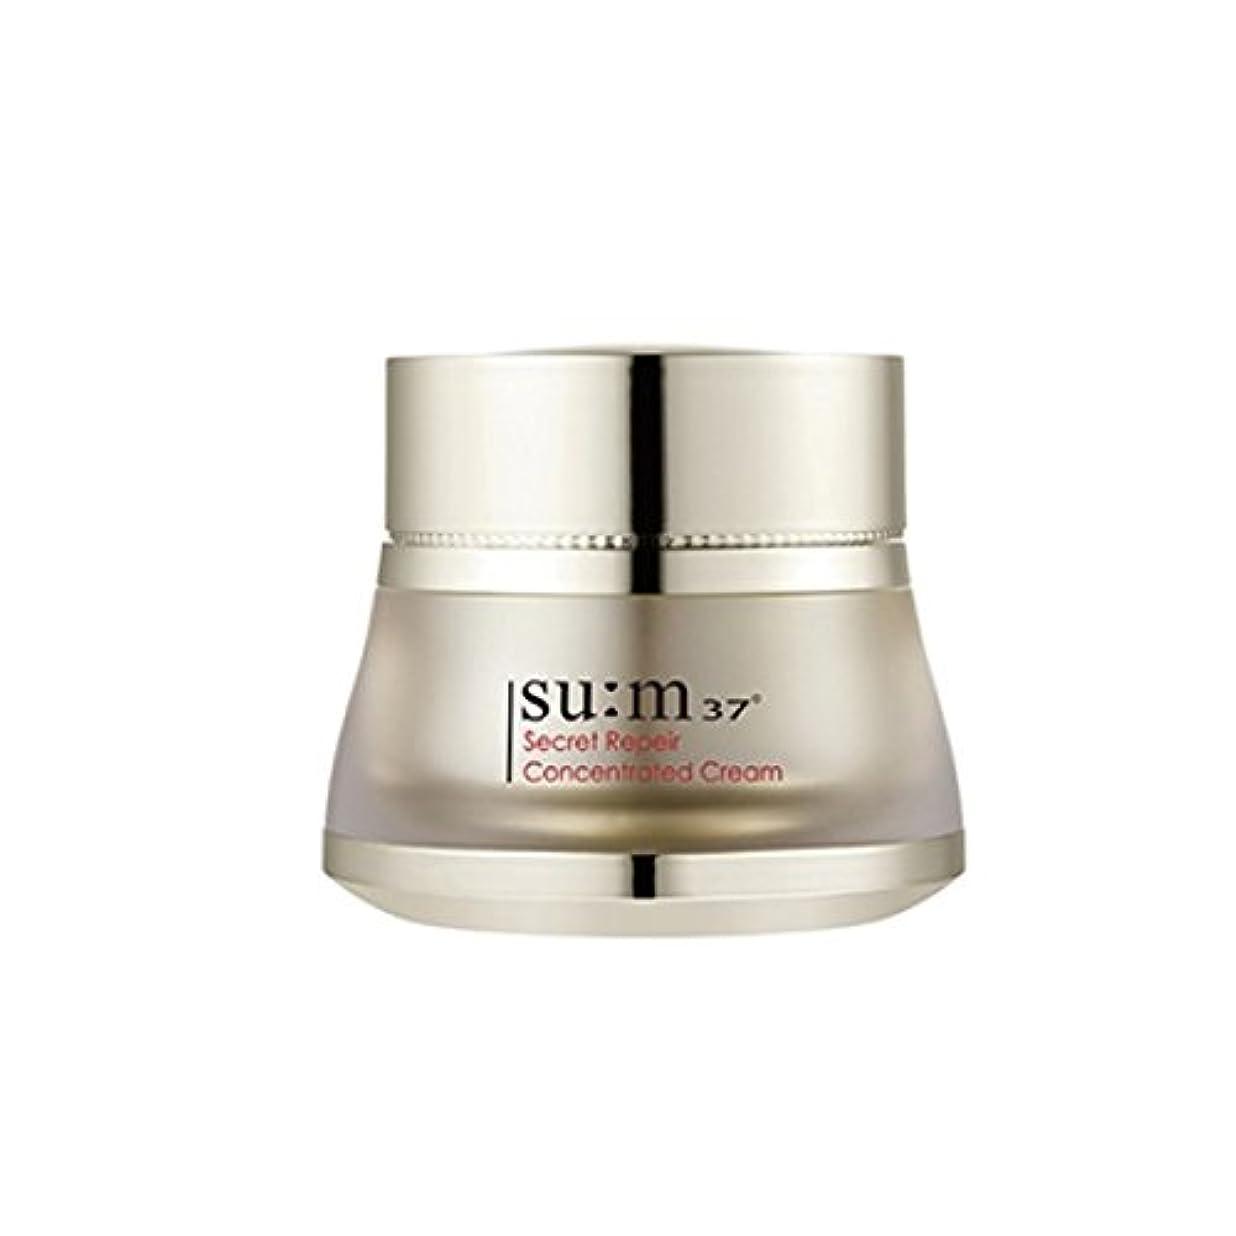 コードレス調整カルシウム[スム37°] Sum37°シークレットリペアクリームSecret Repair Concentrated Cream(海外直送品) [並行輸入品]